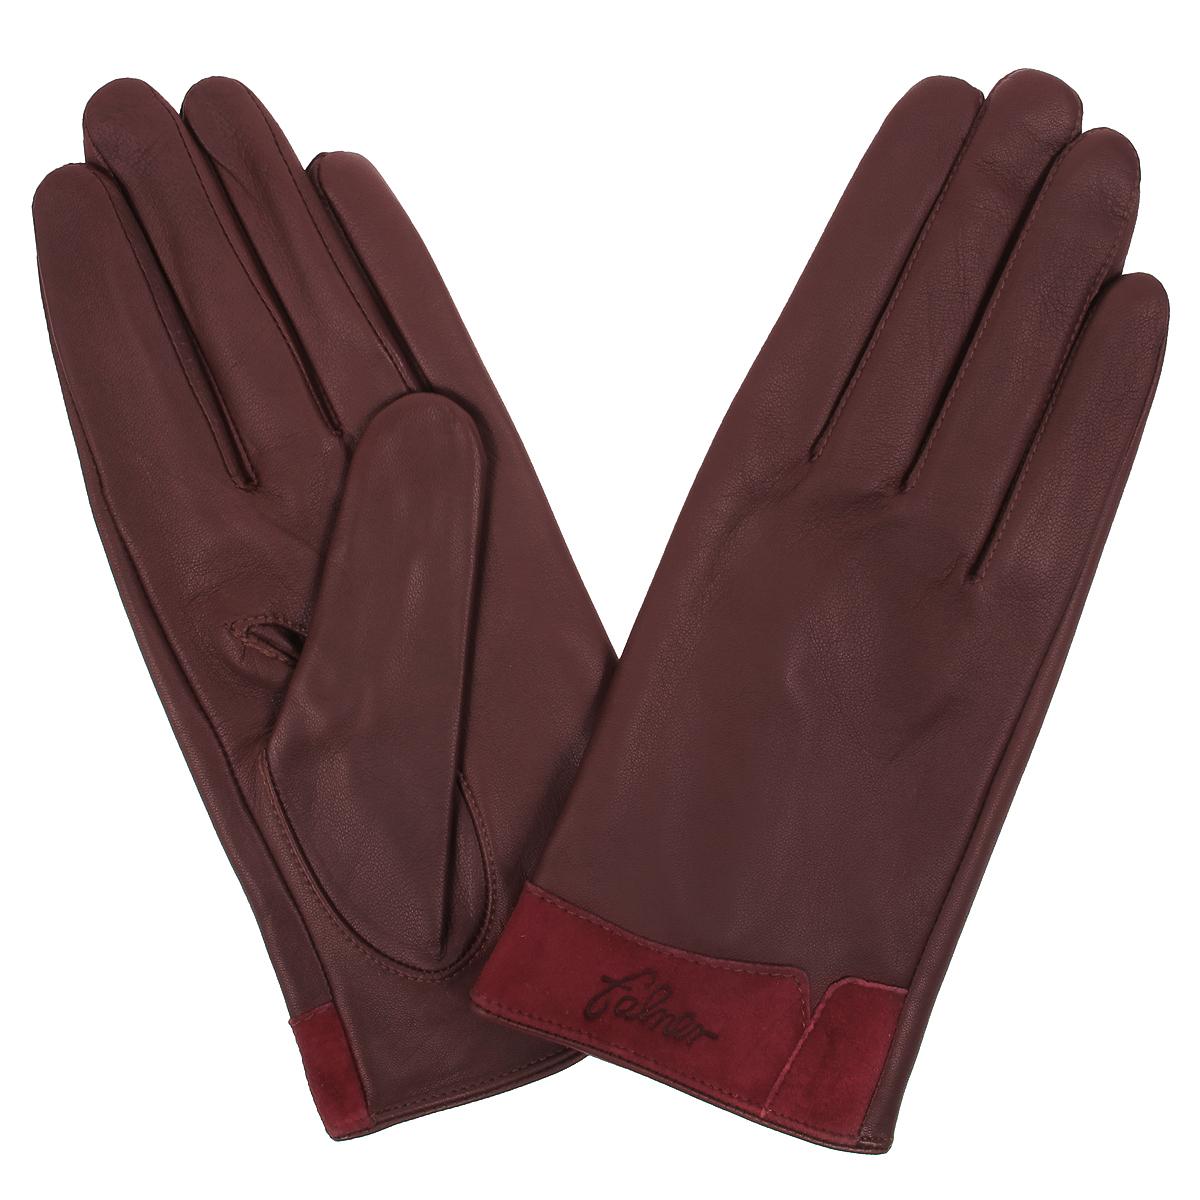 Перчатки женские. L-12L-12Стильные женские перчатки Falner с подкладкой из текстиля выполнены из мягкой и приятной на ощупь натуральной кожи. Манжеты с лицевой стороны выполнены из замши. С тыльной стороны манжеты дополнены небольшими разрезами. Такие перчатки подчеркнут ваш стиль и неповторимость и придадут всему образу нотки женственности и элегантности.